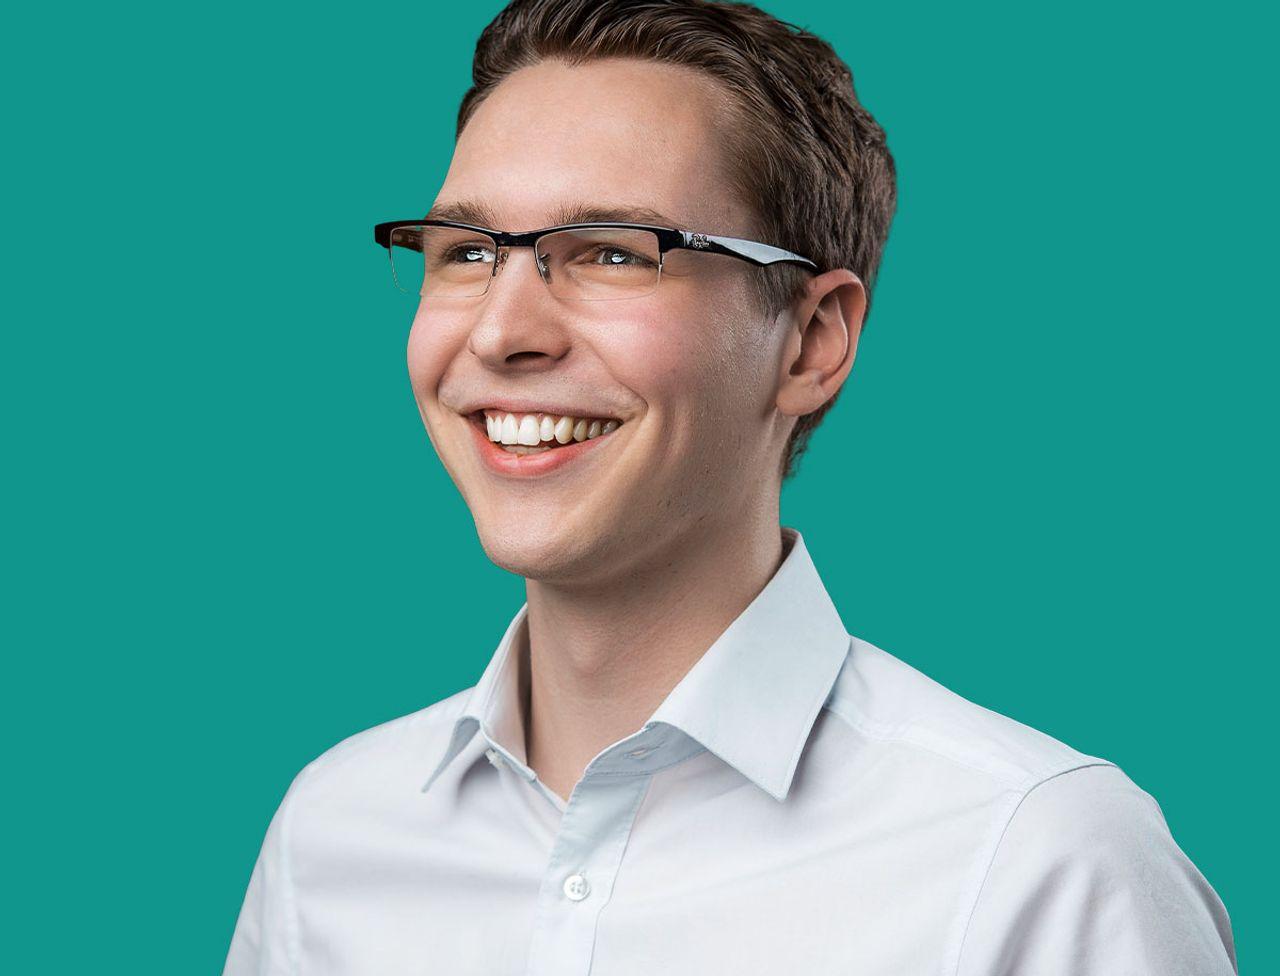 Benedikt Wulowitsch - Dualer Student Mechatronik